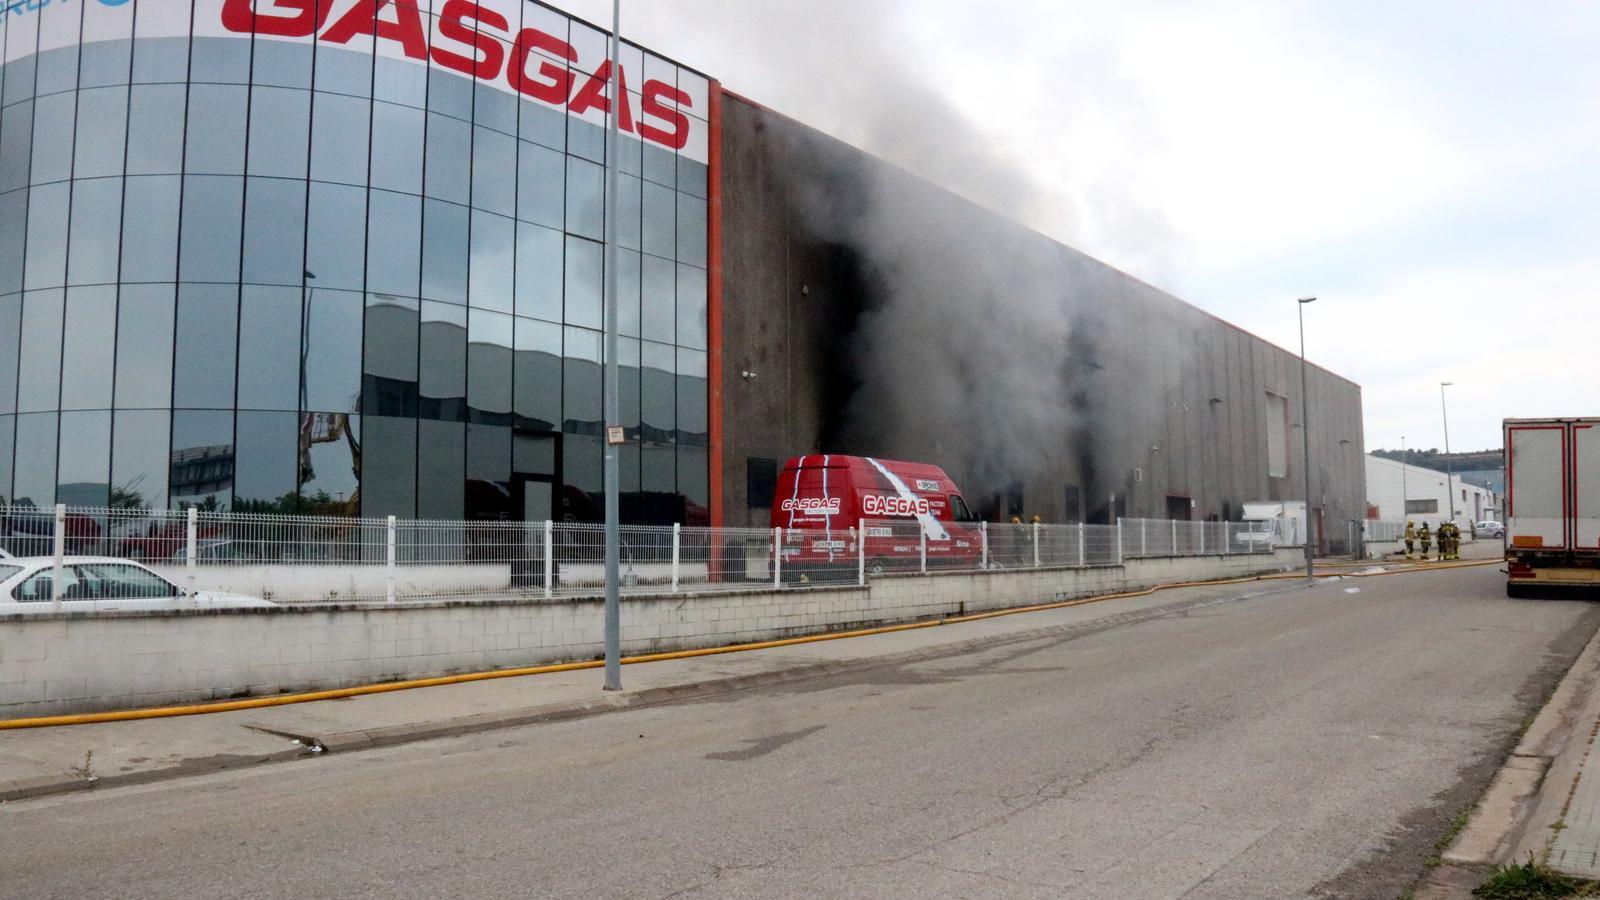 Un incendi crema la fàbrica Gas Gas de Salt sense provocar ferits